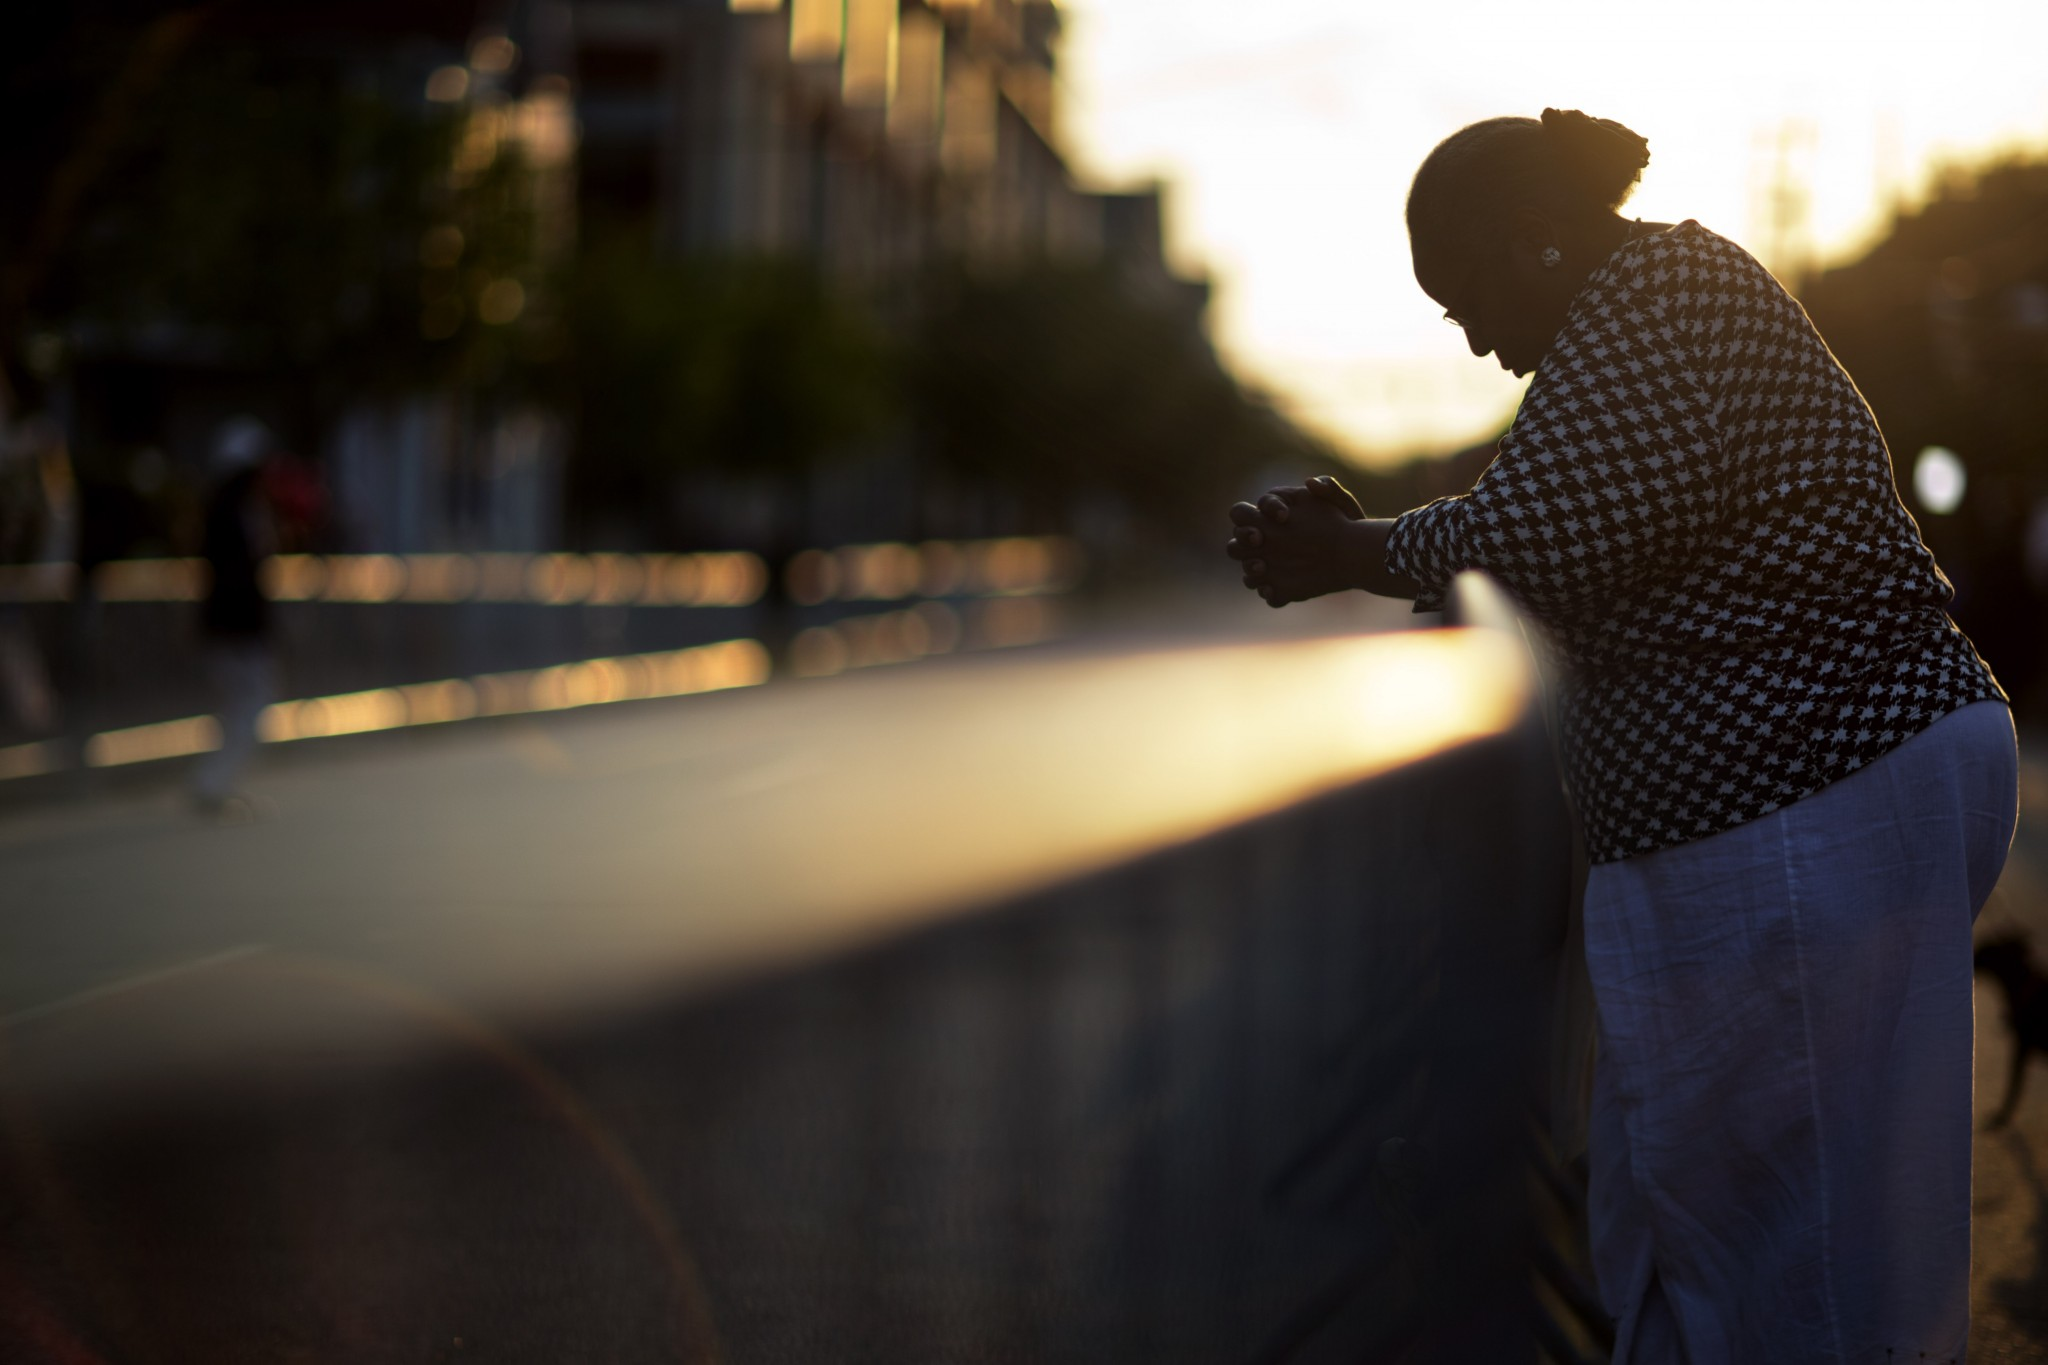 Masacre en Charleston unió al país y no lo dividió: Obama   Mixed Voces